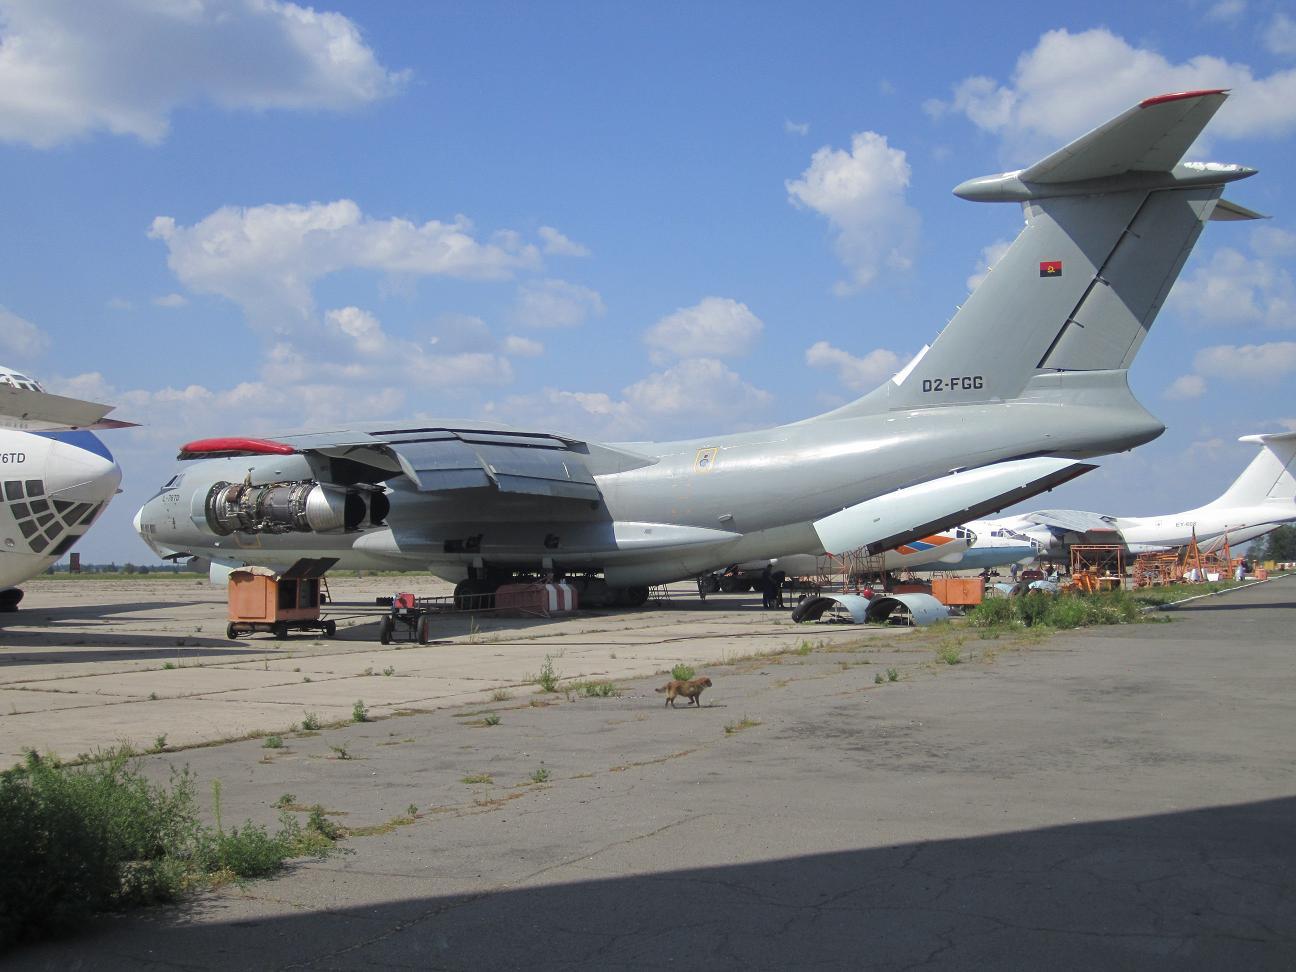 Angola ANGOLA+IL-76+D2-FGG+MANTENIMIENTO